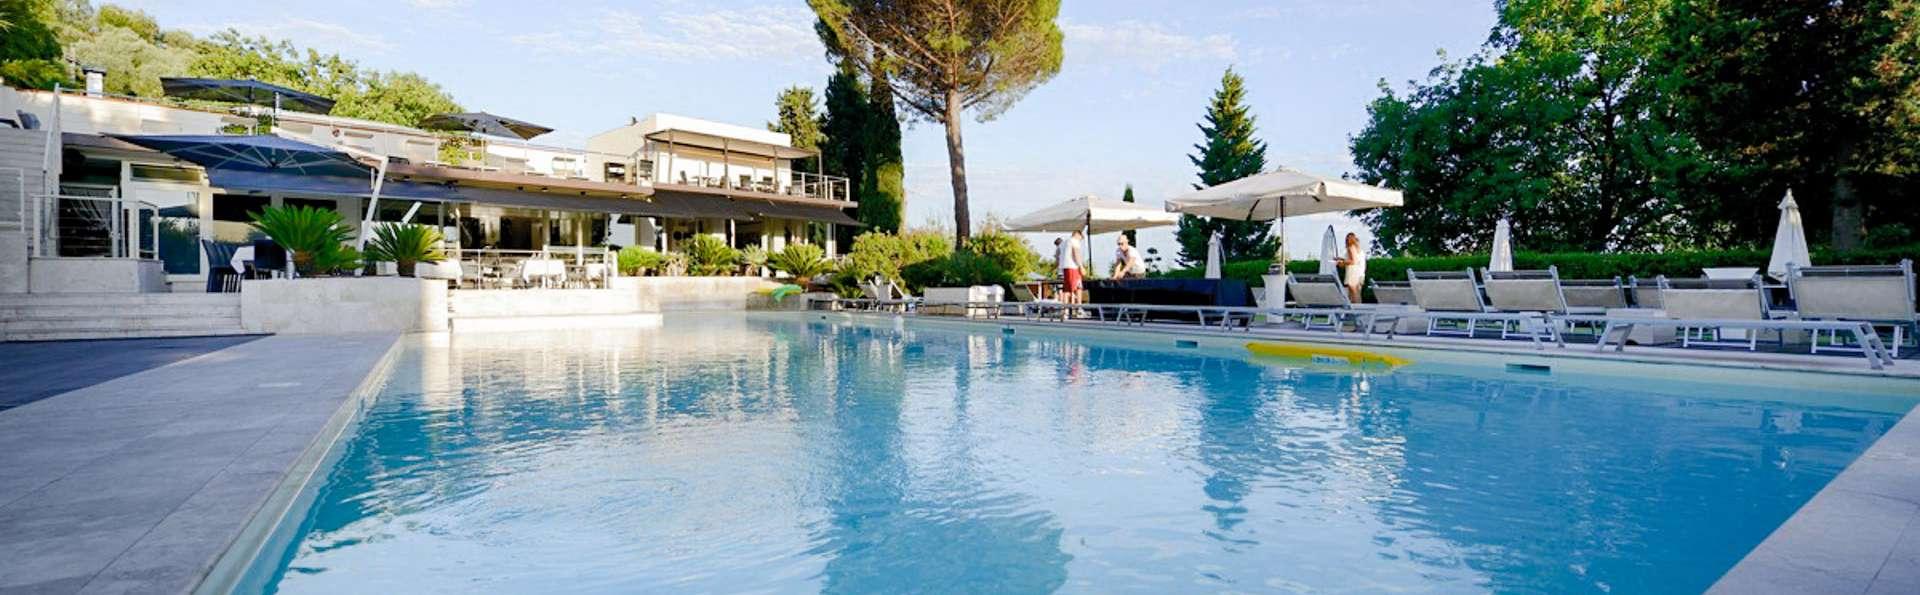 La Villa Resort - EDIT_POOL_01.jpg